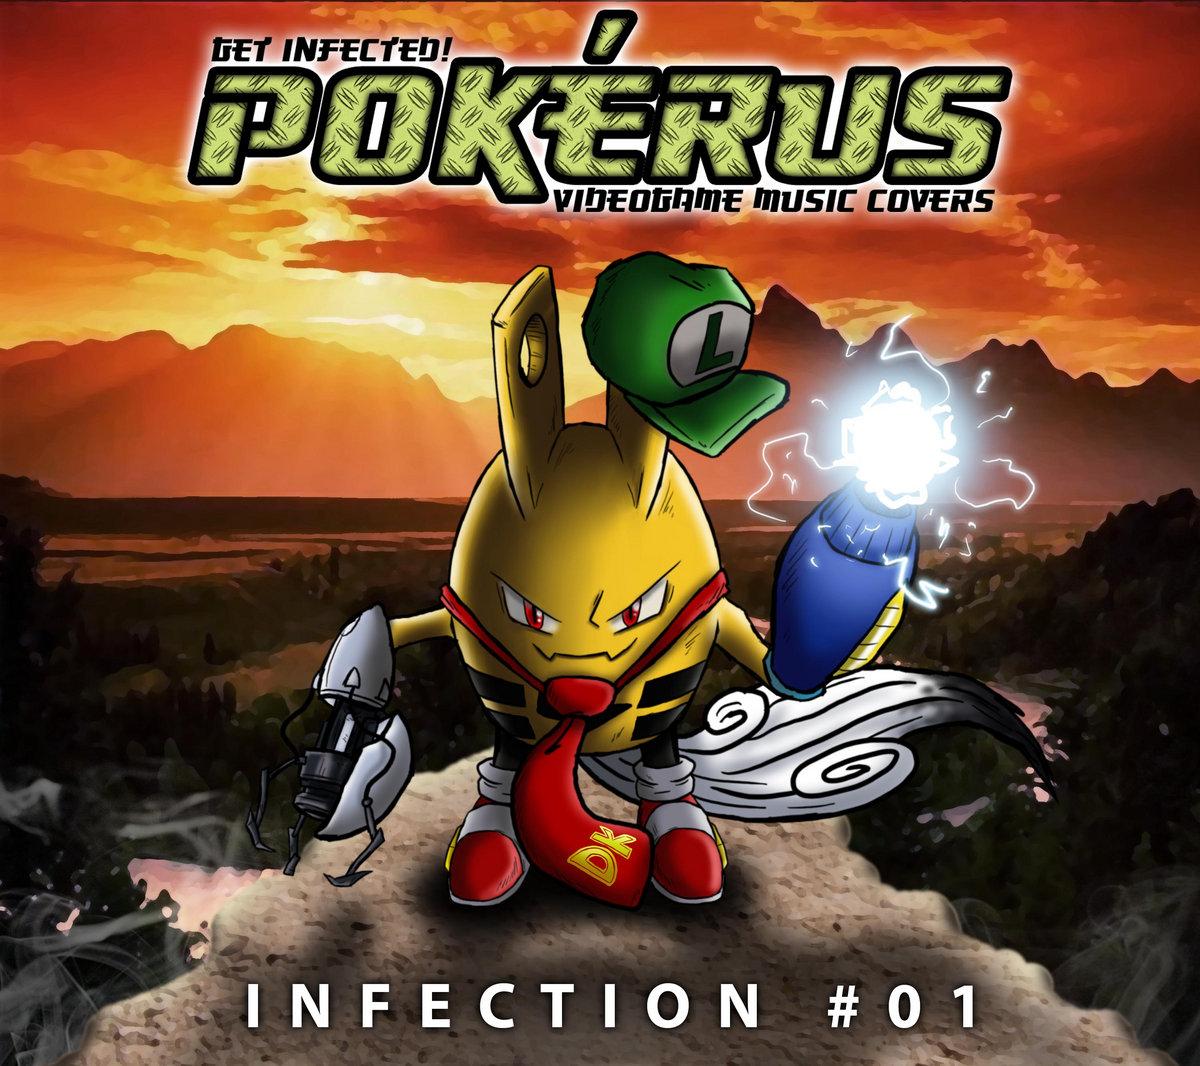 Infection #01 | Pokérus Project